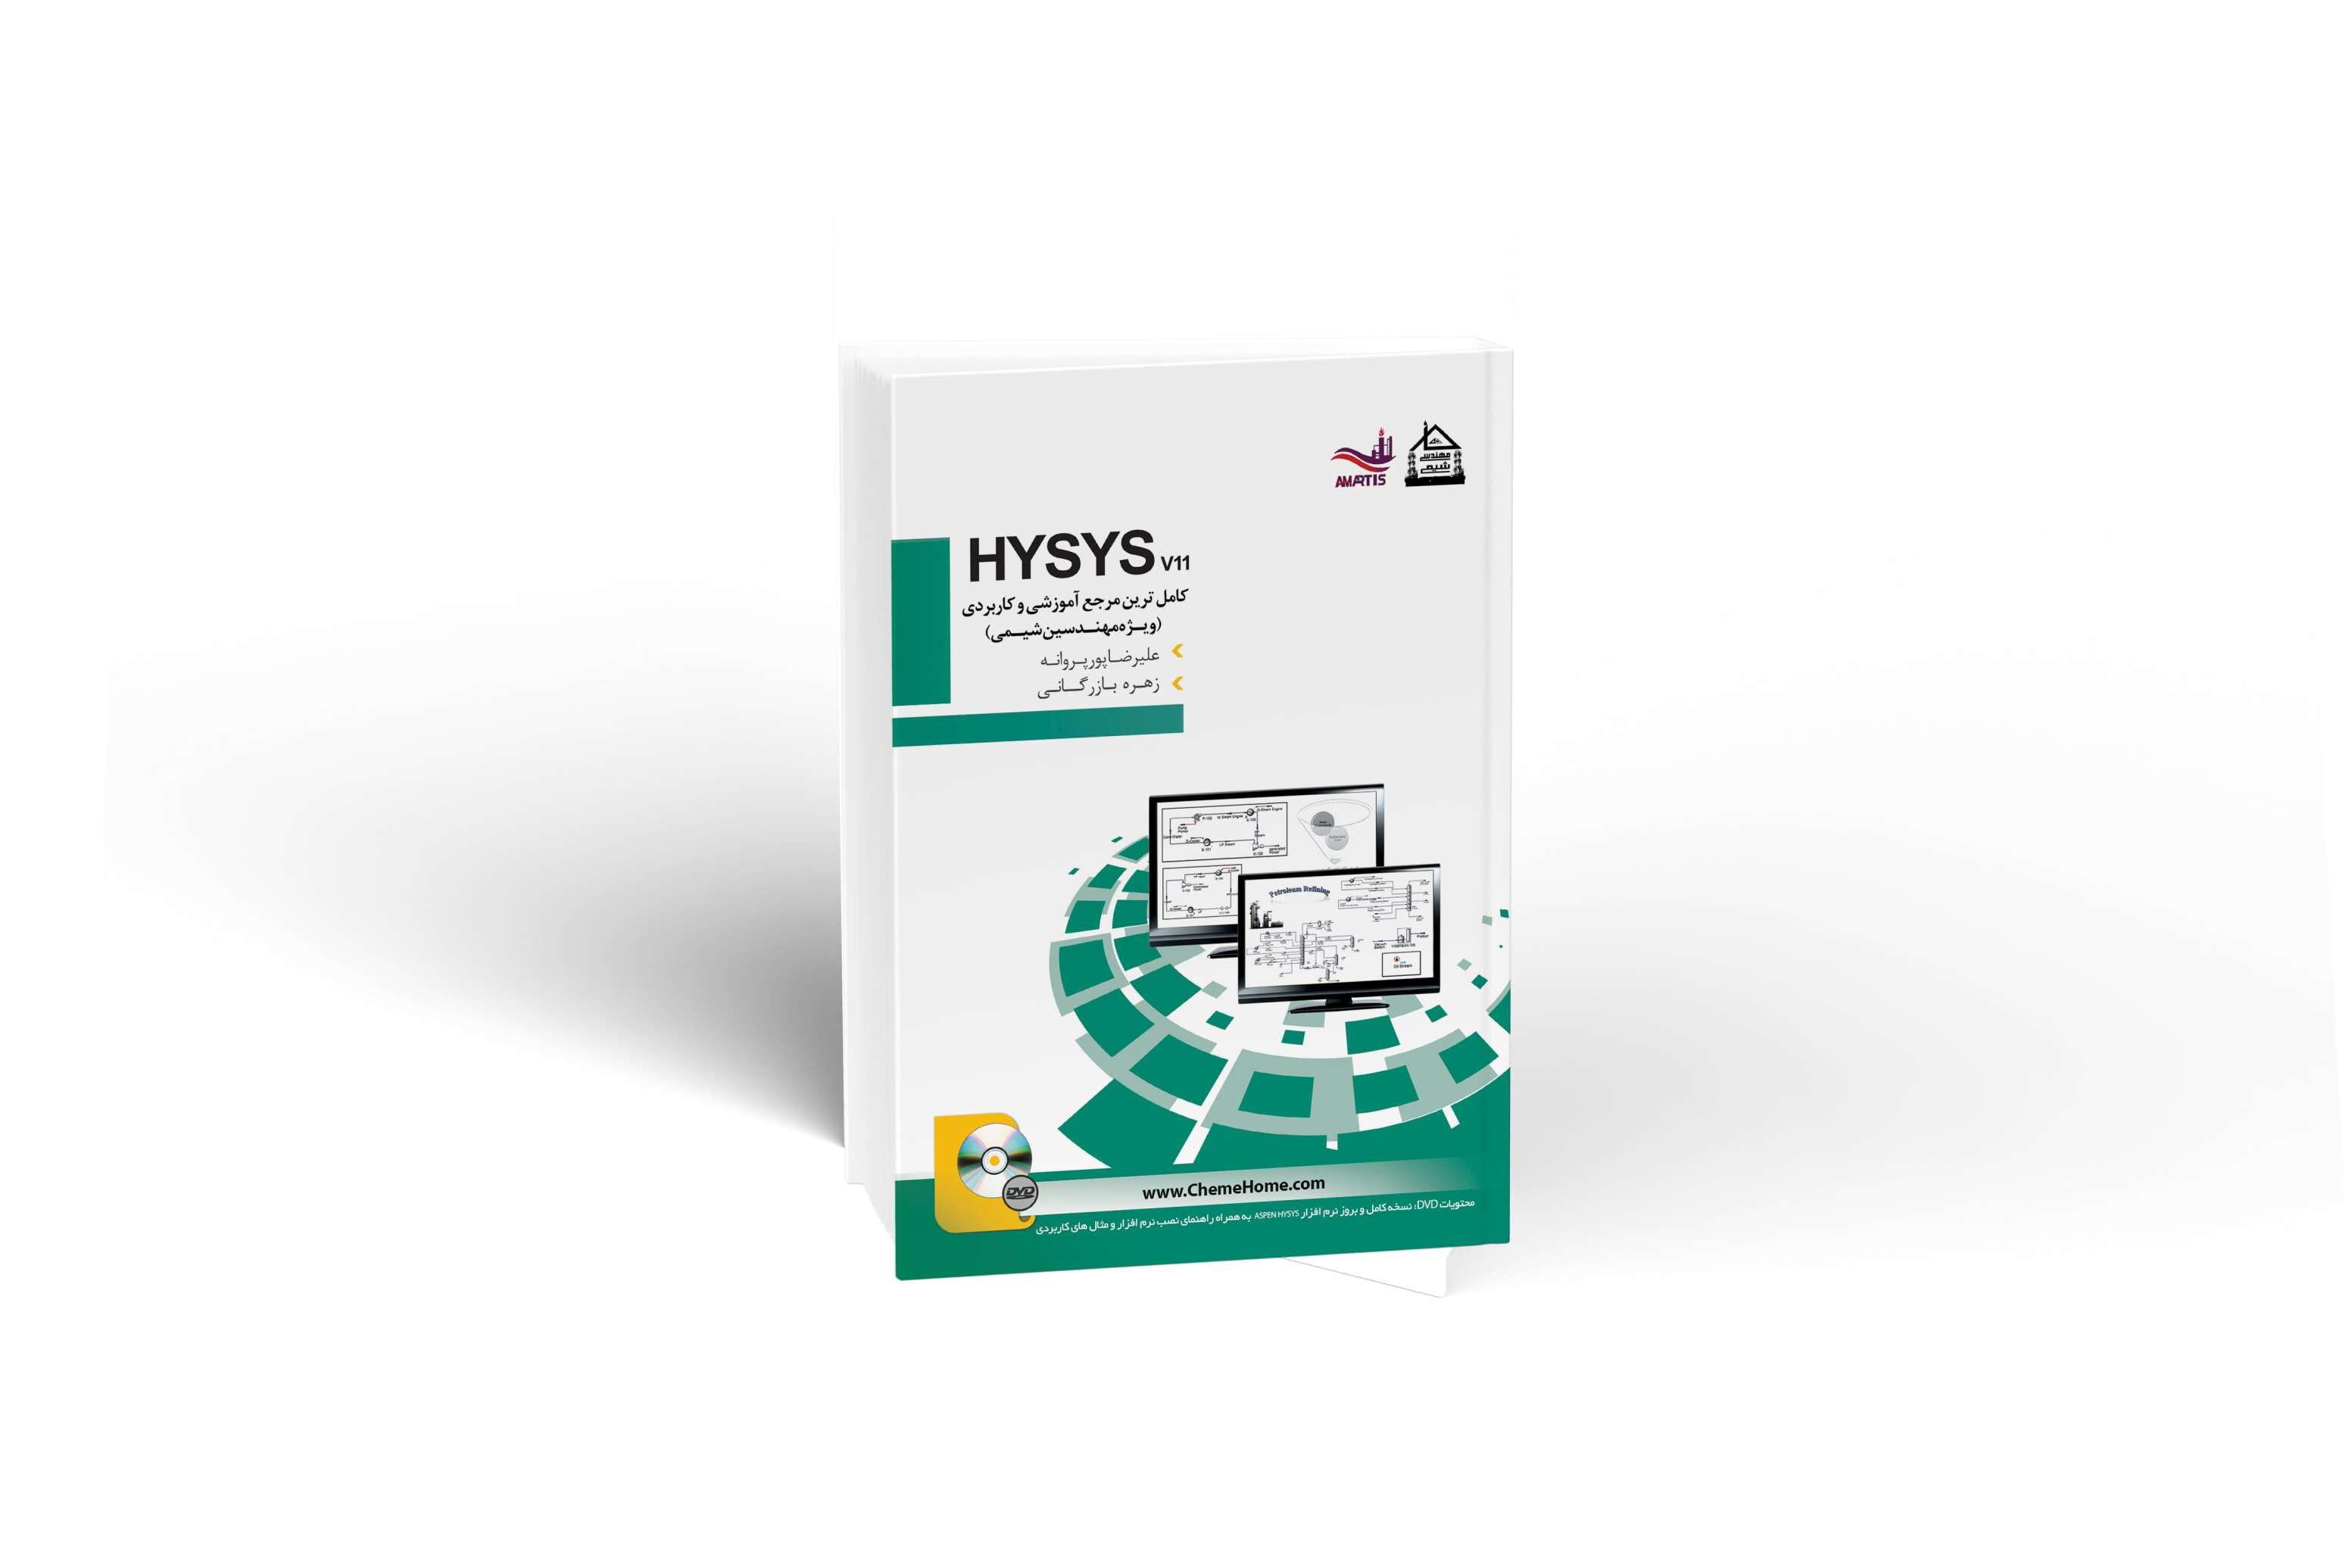 کتاب مرجع کاربردی نرم افزار HYSYS